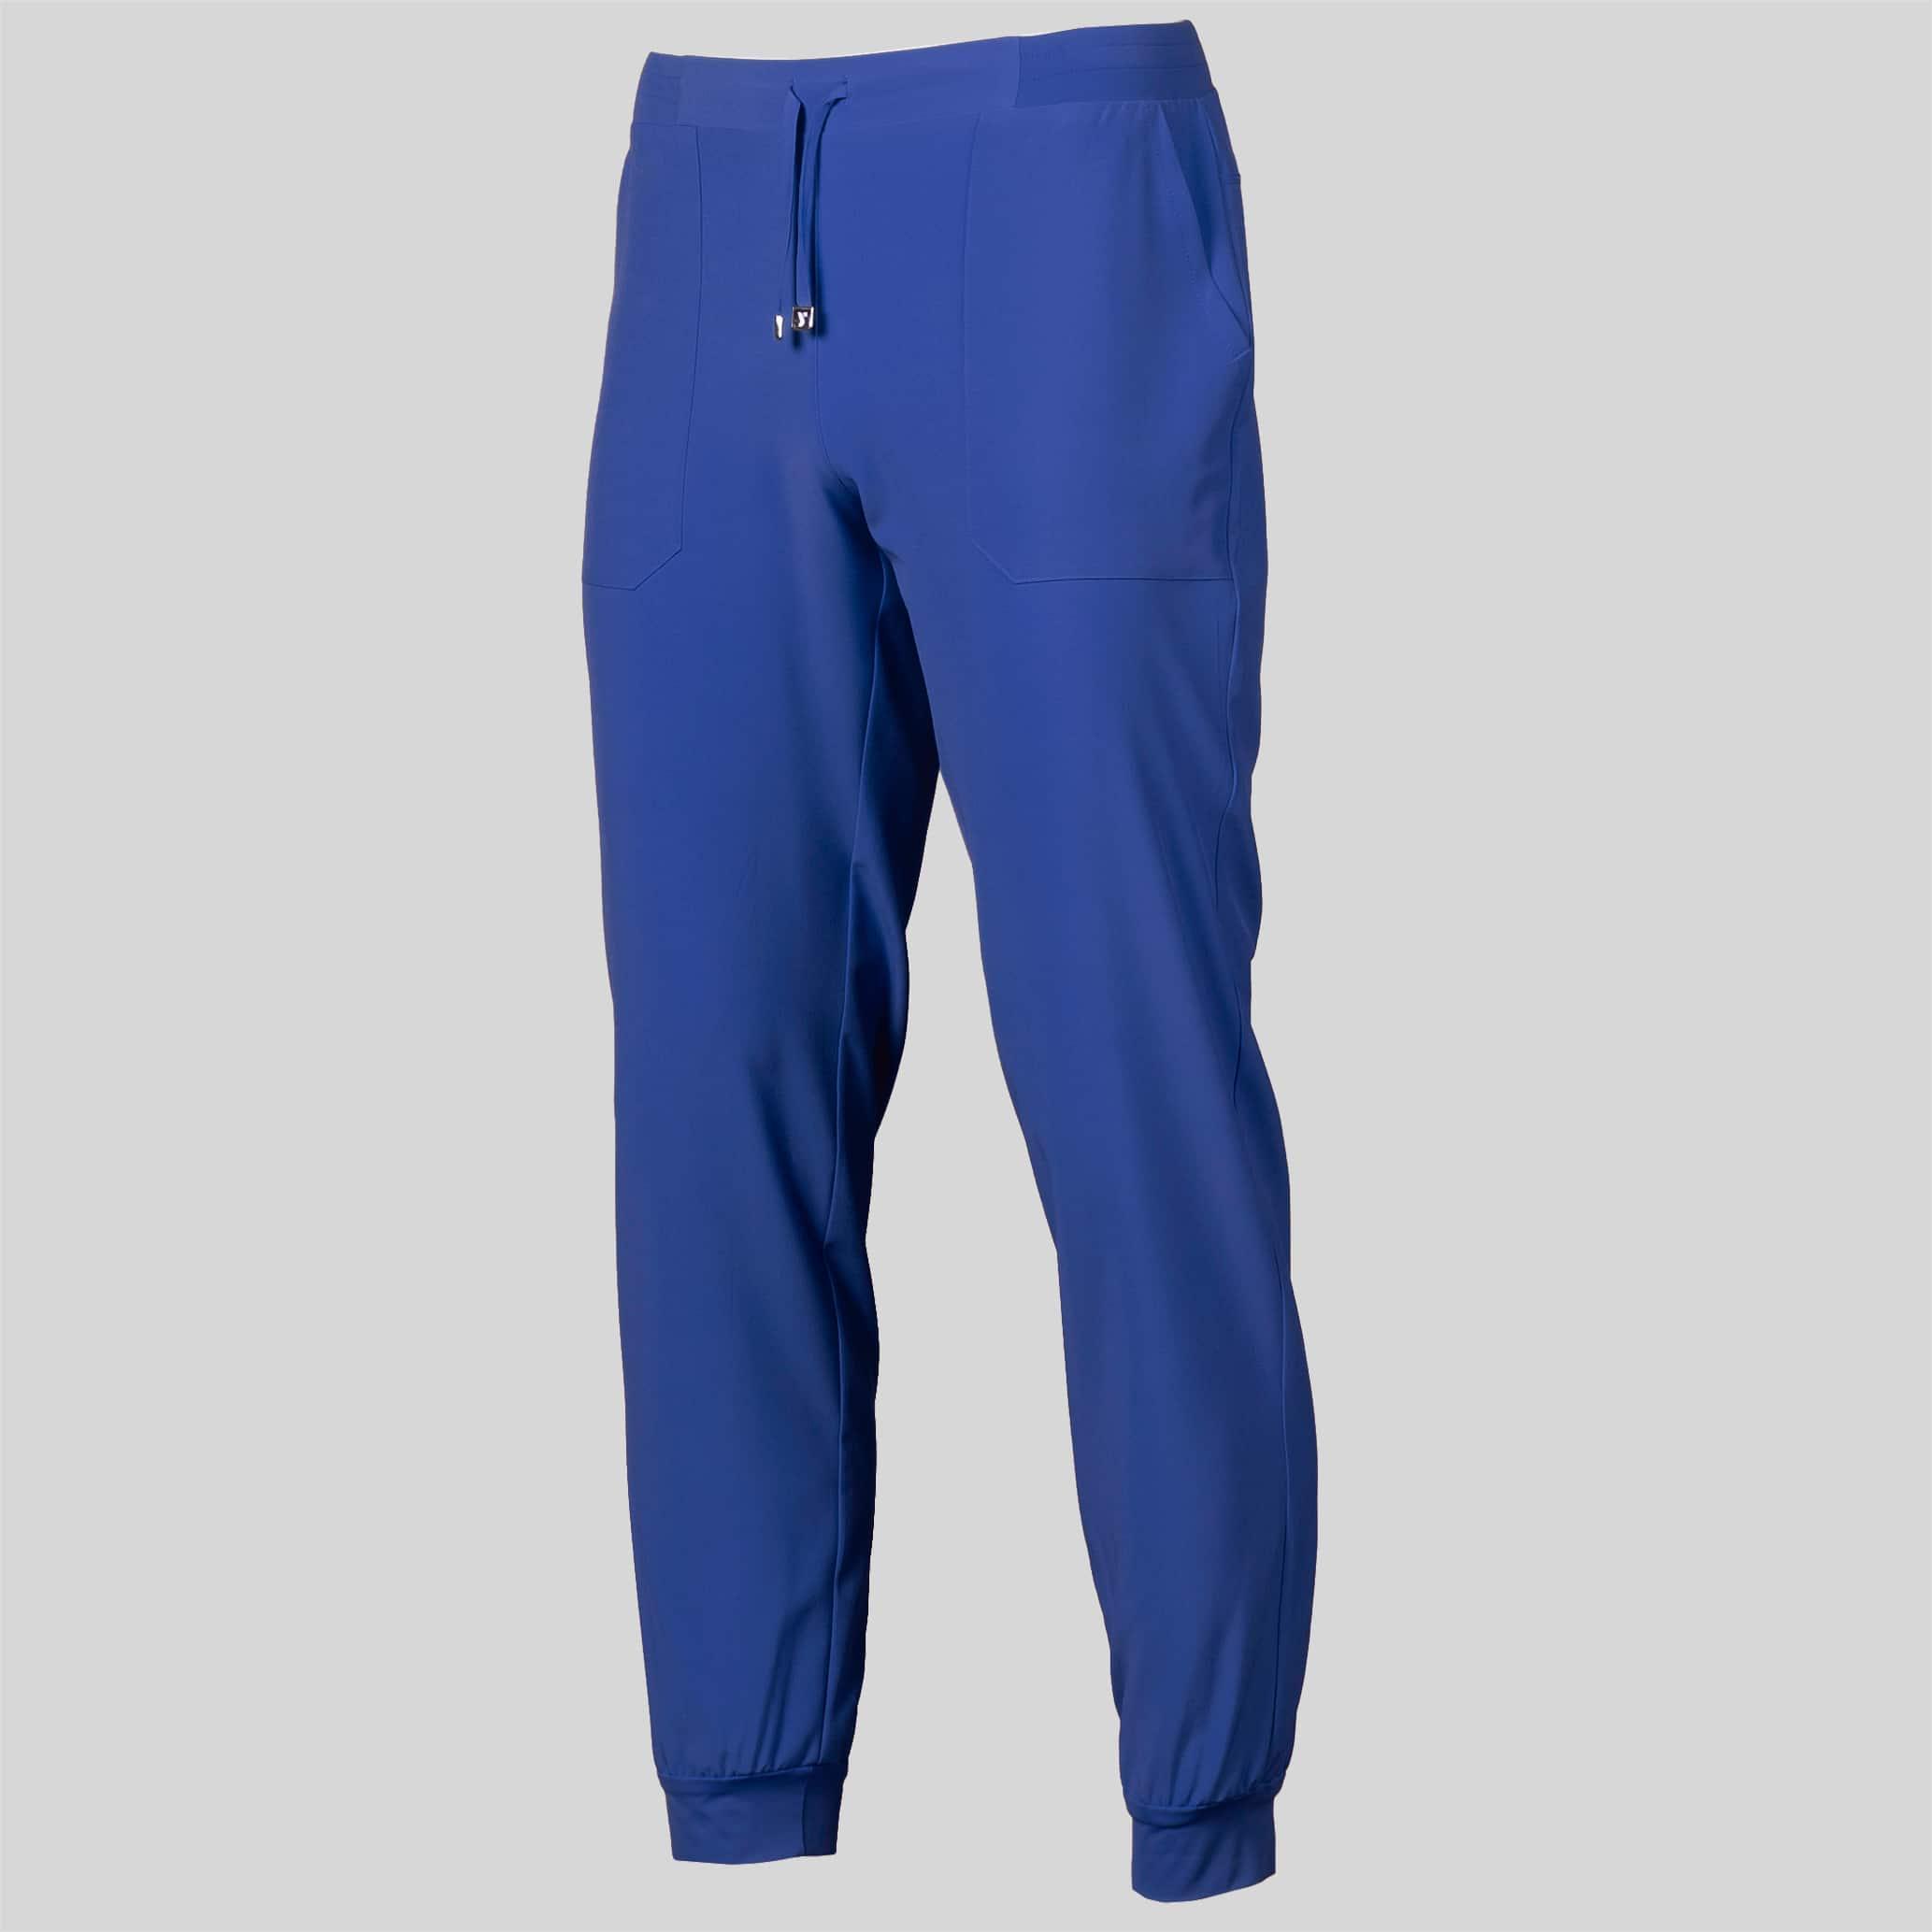 Gary´s 704700 Pantalon Unisex Jogger Azulina